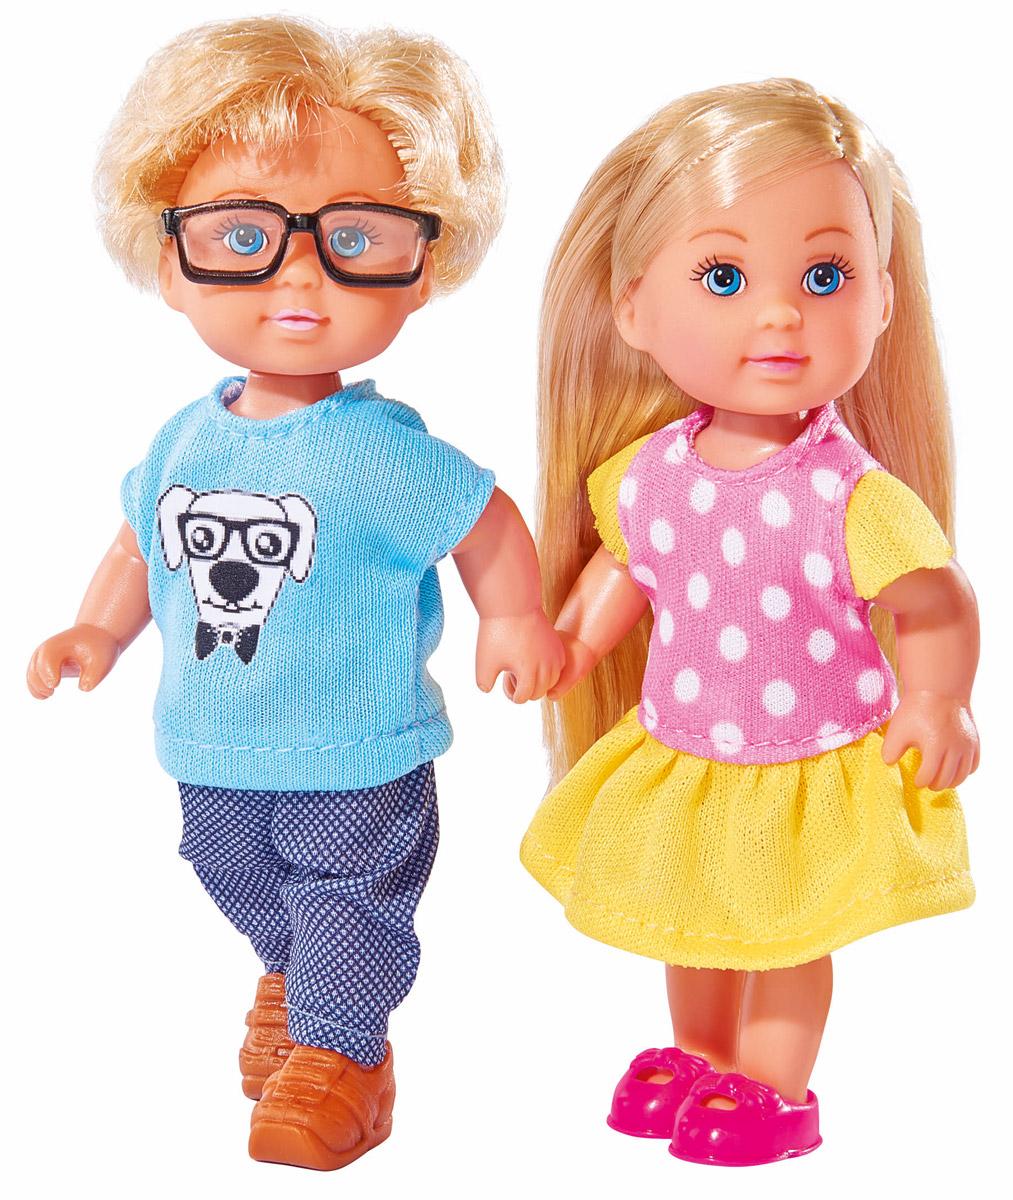 картинки разных видов кукол кандидатом